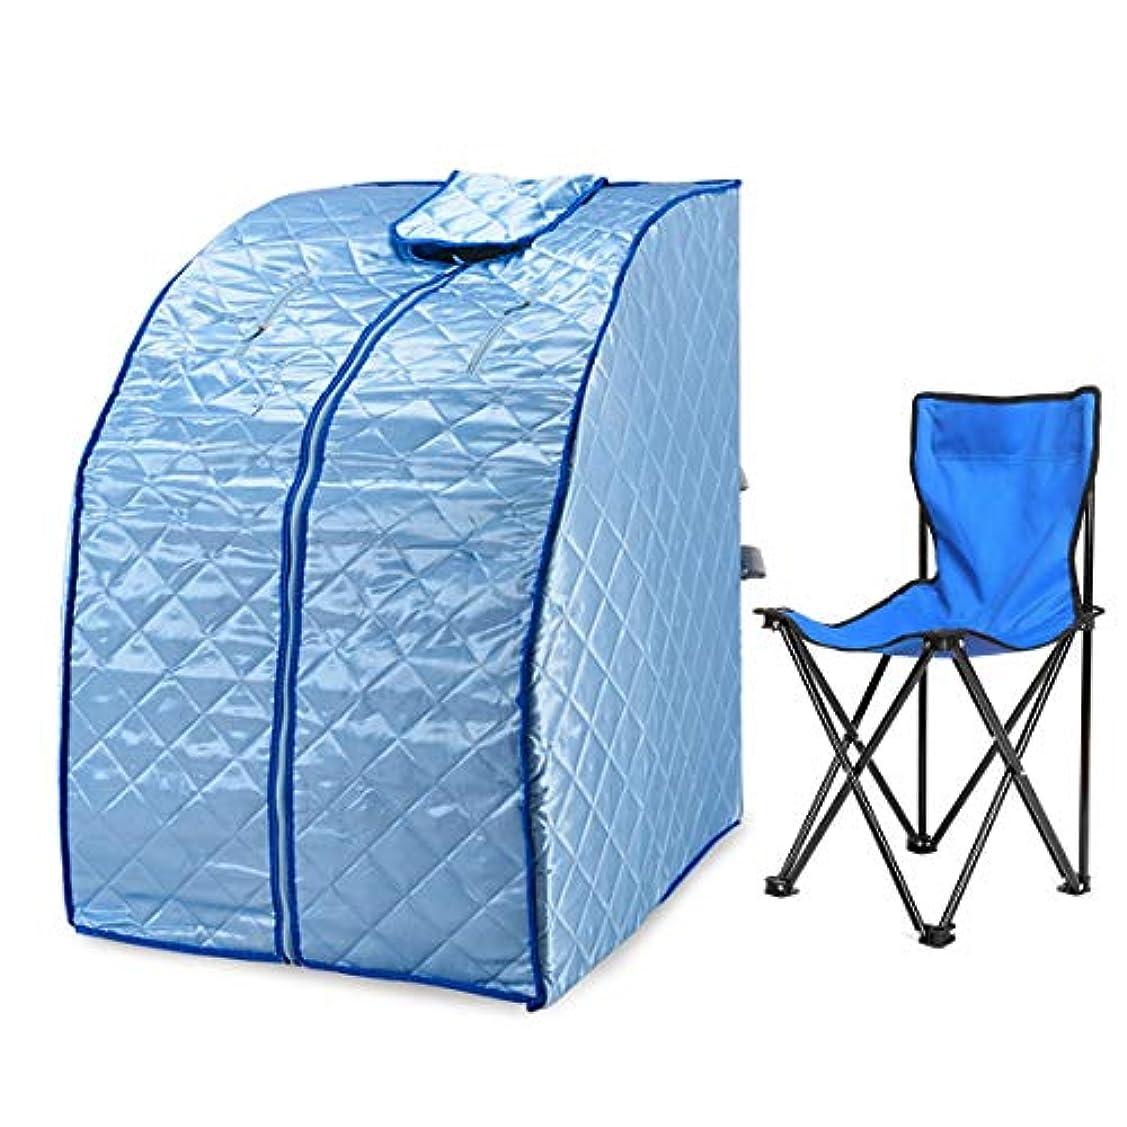 終わり準拠フィット遠赤外線 サウナ と 椅子 ポータブル ヒータ サウナボックス 屋内 折り畳み サウナスチームキャビン パーソナル スパ 体重が減る そして 毒素を除去